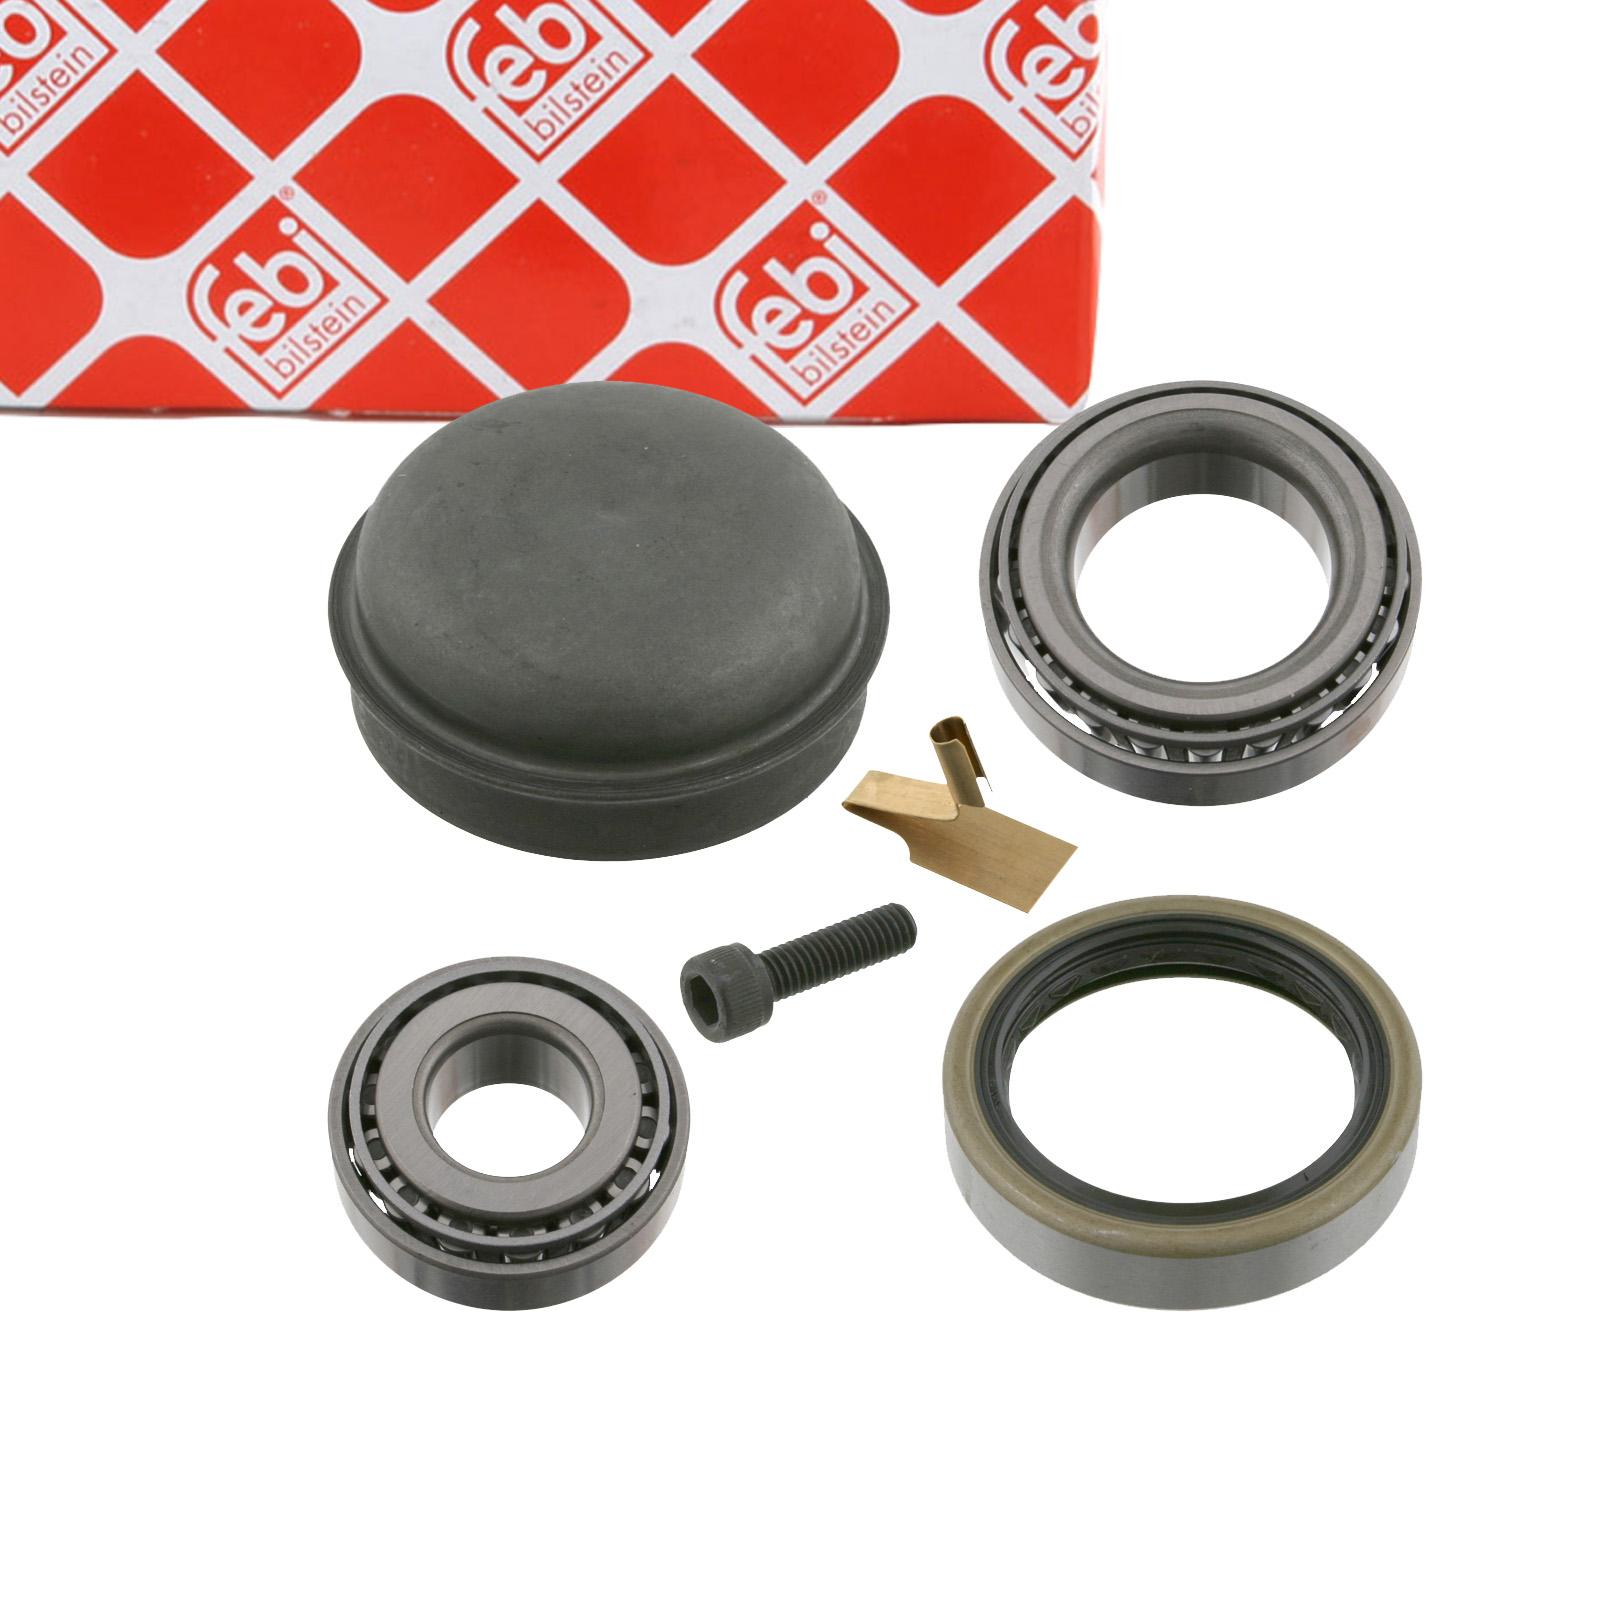 FEBI 05421 Radlagersatz Radlager MERCEDES-BENZ 190 W201 E 2.0 / D 2.0 vorne A2013300051